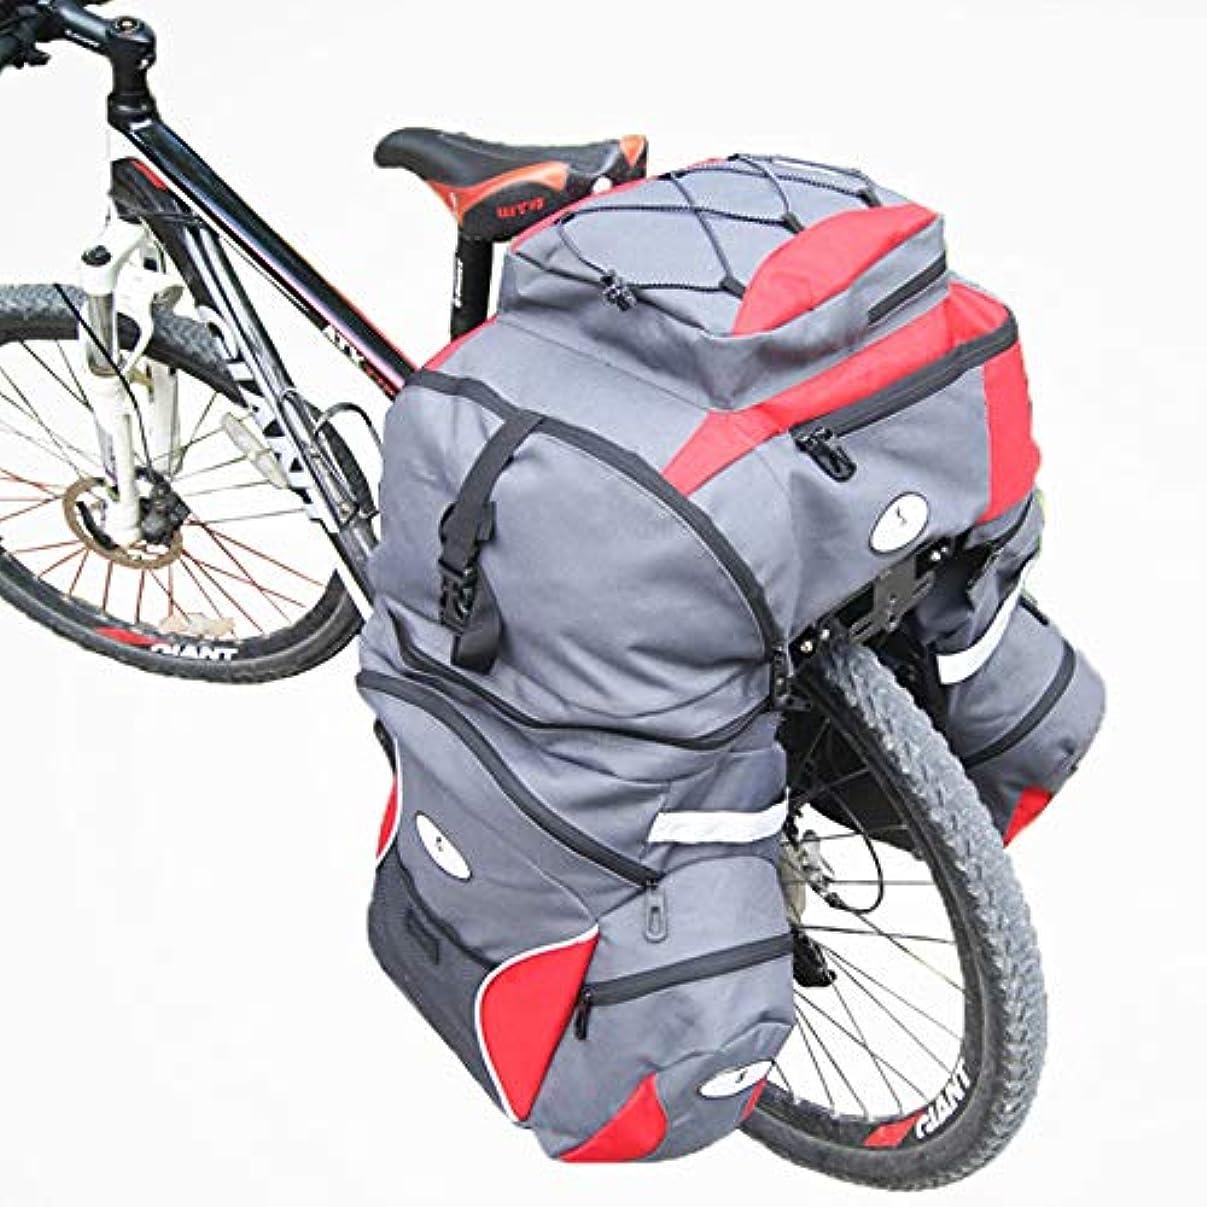 聖なる色合いヒゲ自転車フレームバッグ 自転車パニエトランクバッグ、3 in 1大容量自転車リアシートパニエフィット、防水カバー付きのサイクリング用 防水電話ホルダー (色 : 赤)